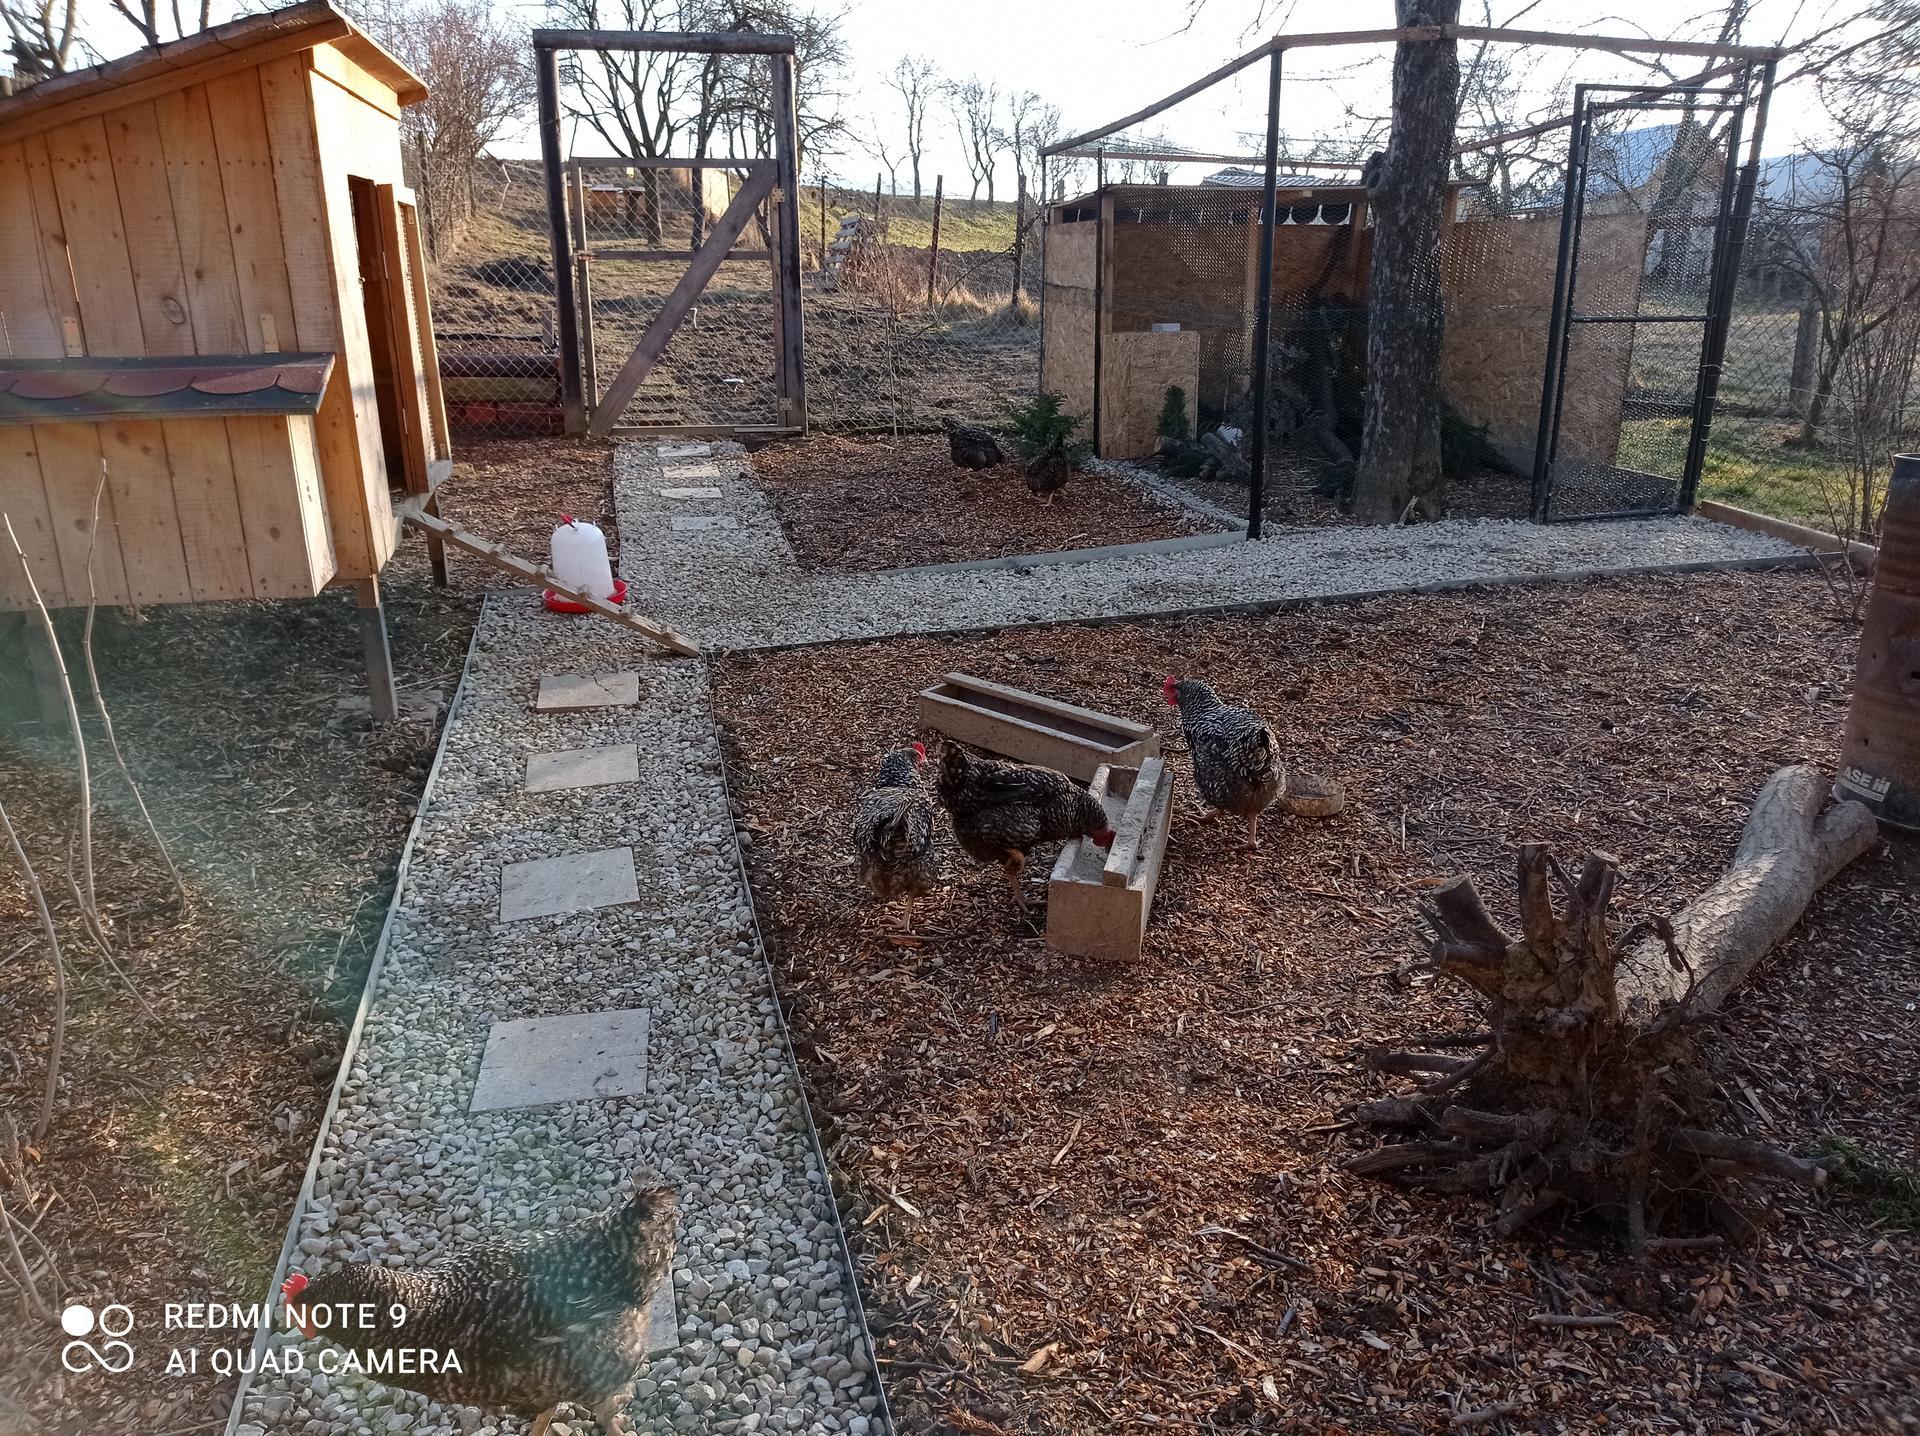 Žijeme vonku - Konečne aspoň tu nechodíme po blate...sliepky majú momentálne lepší dvor ako my 😂😂